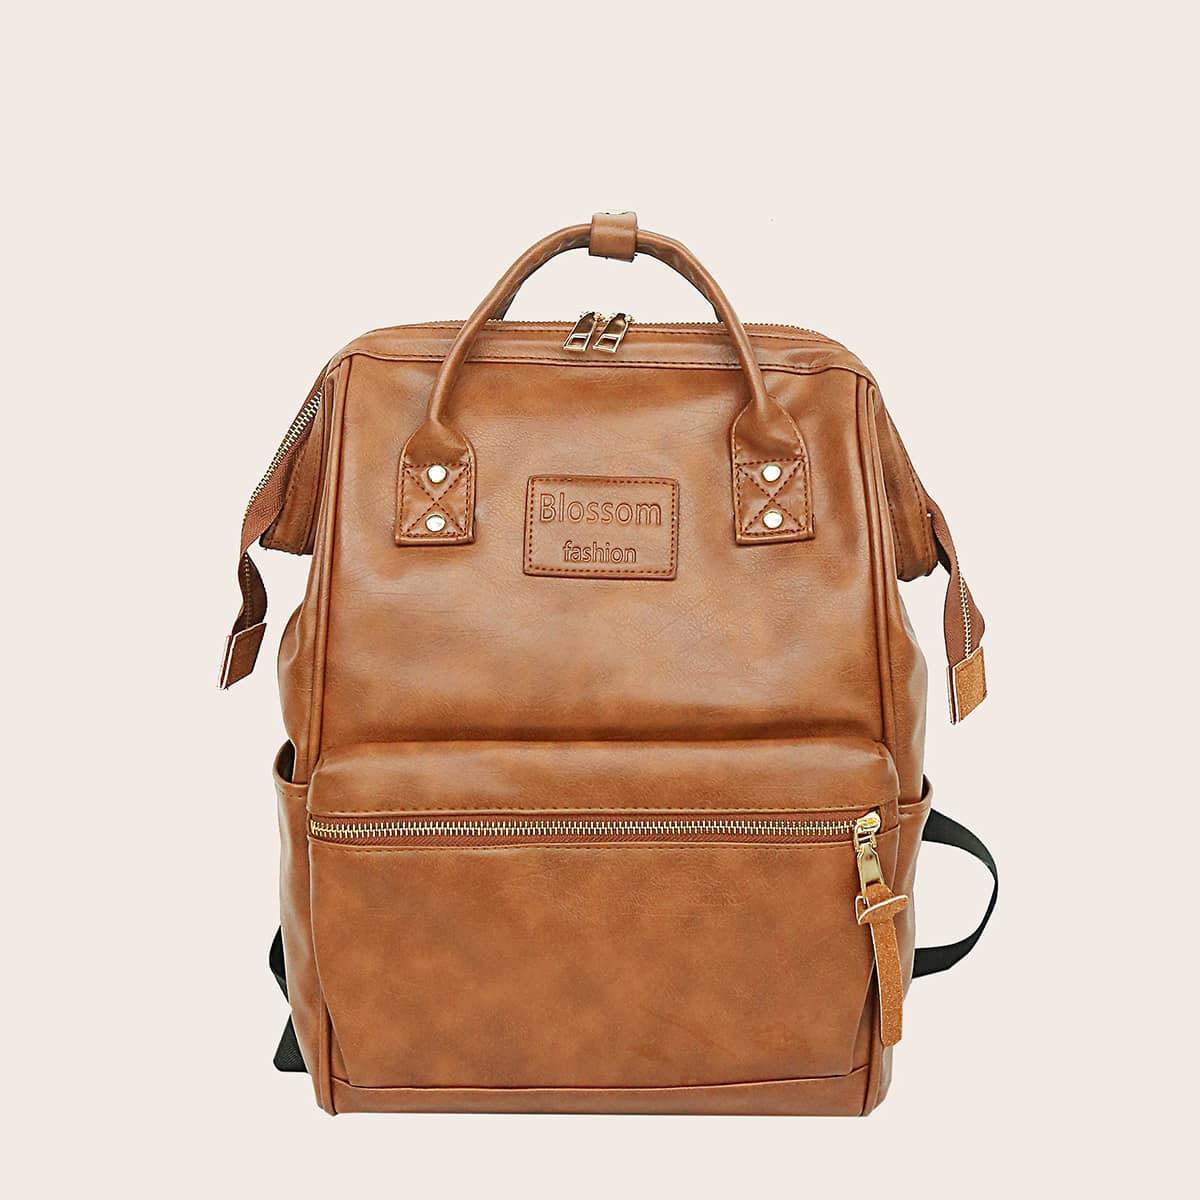 Рюкзак большой емкости на молнии